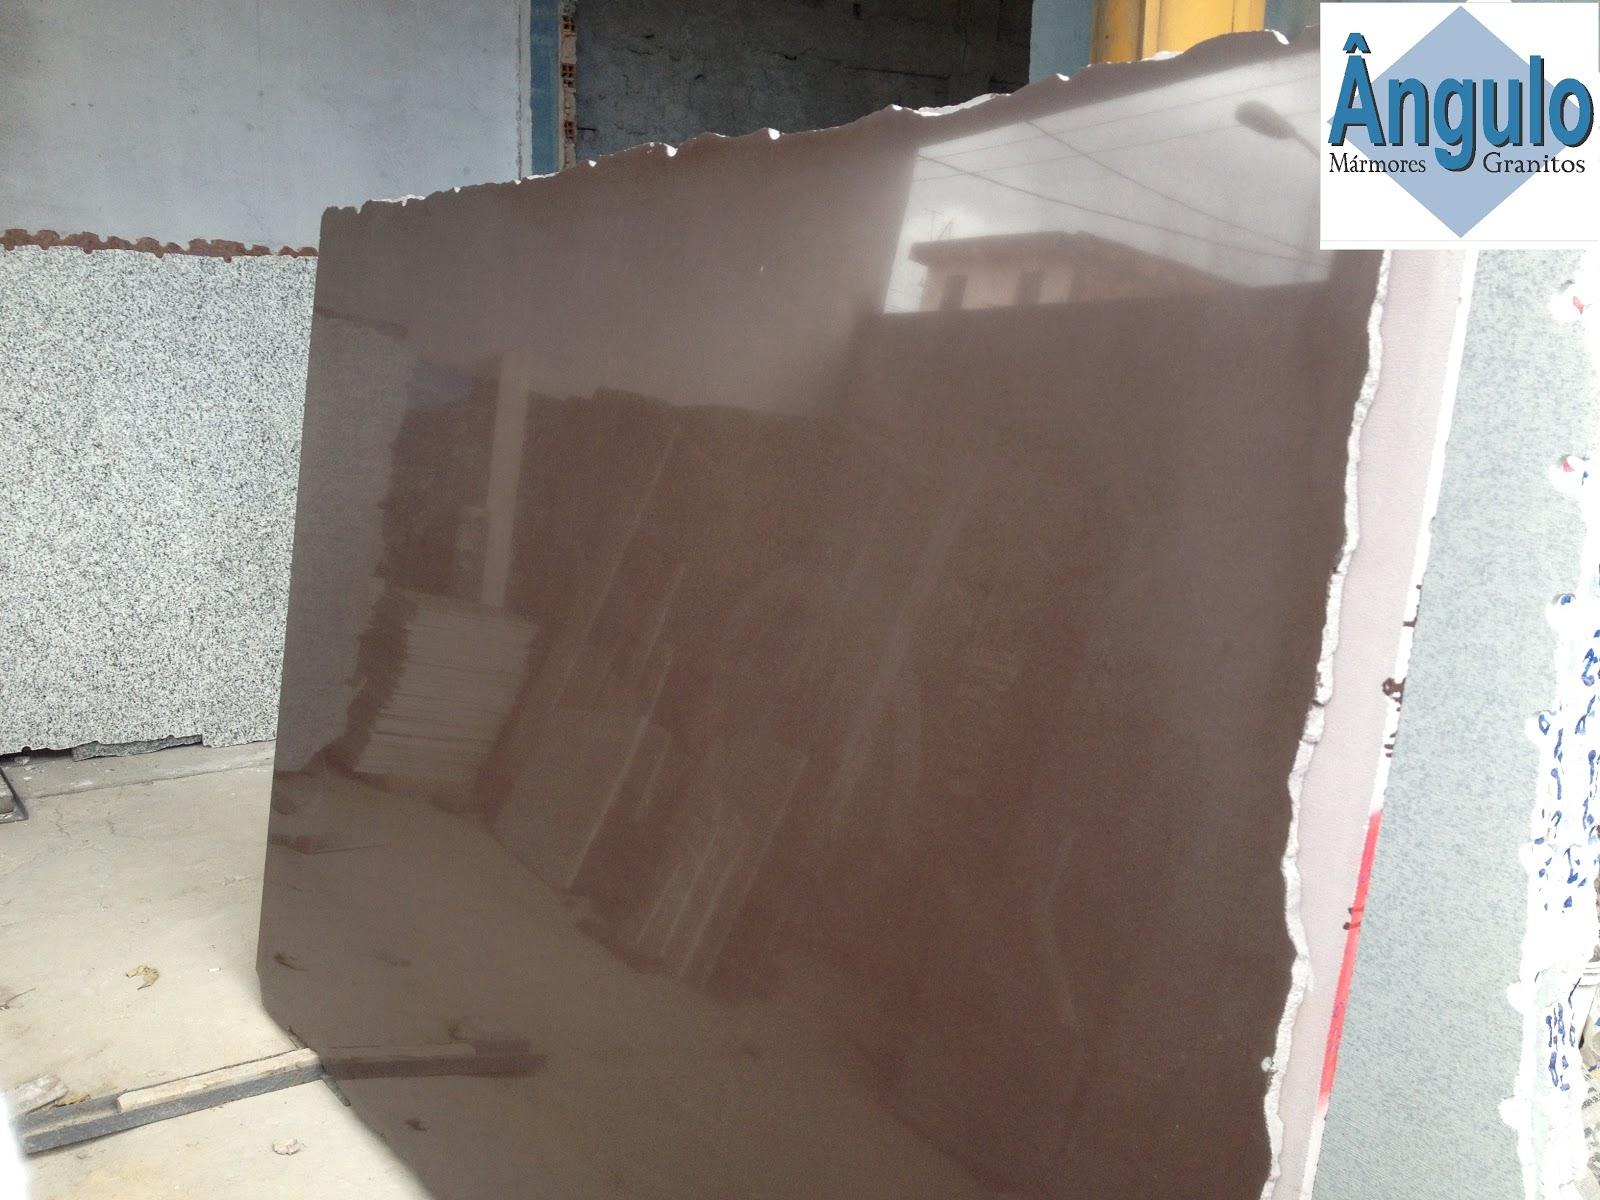 #316787 Ângulo Mármores e Granitos: Granito Marrom Absoluto Lançamento 1600x1200 px Banheiros Com Granito Marrom 1449